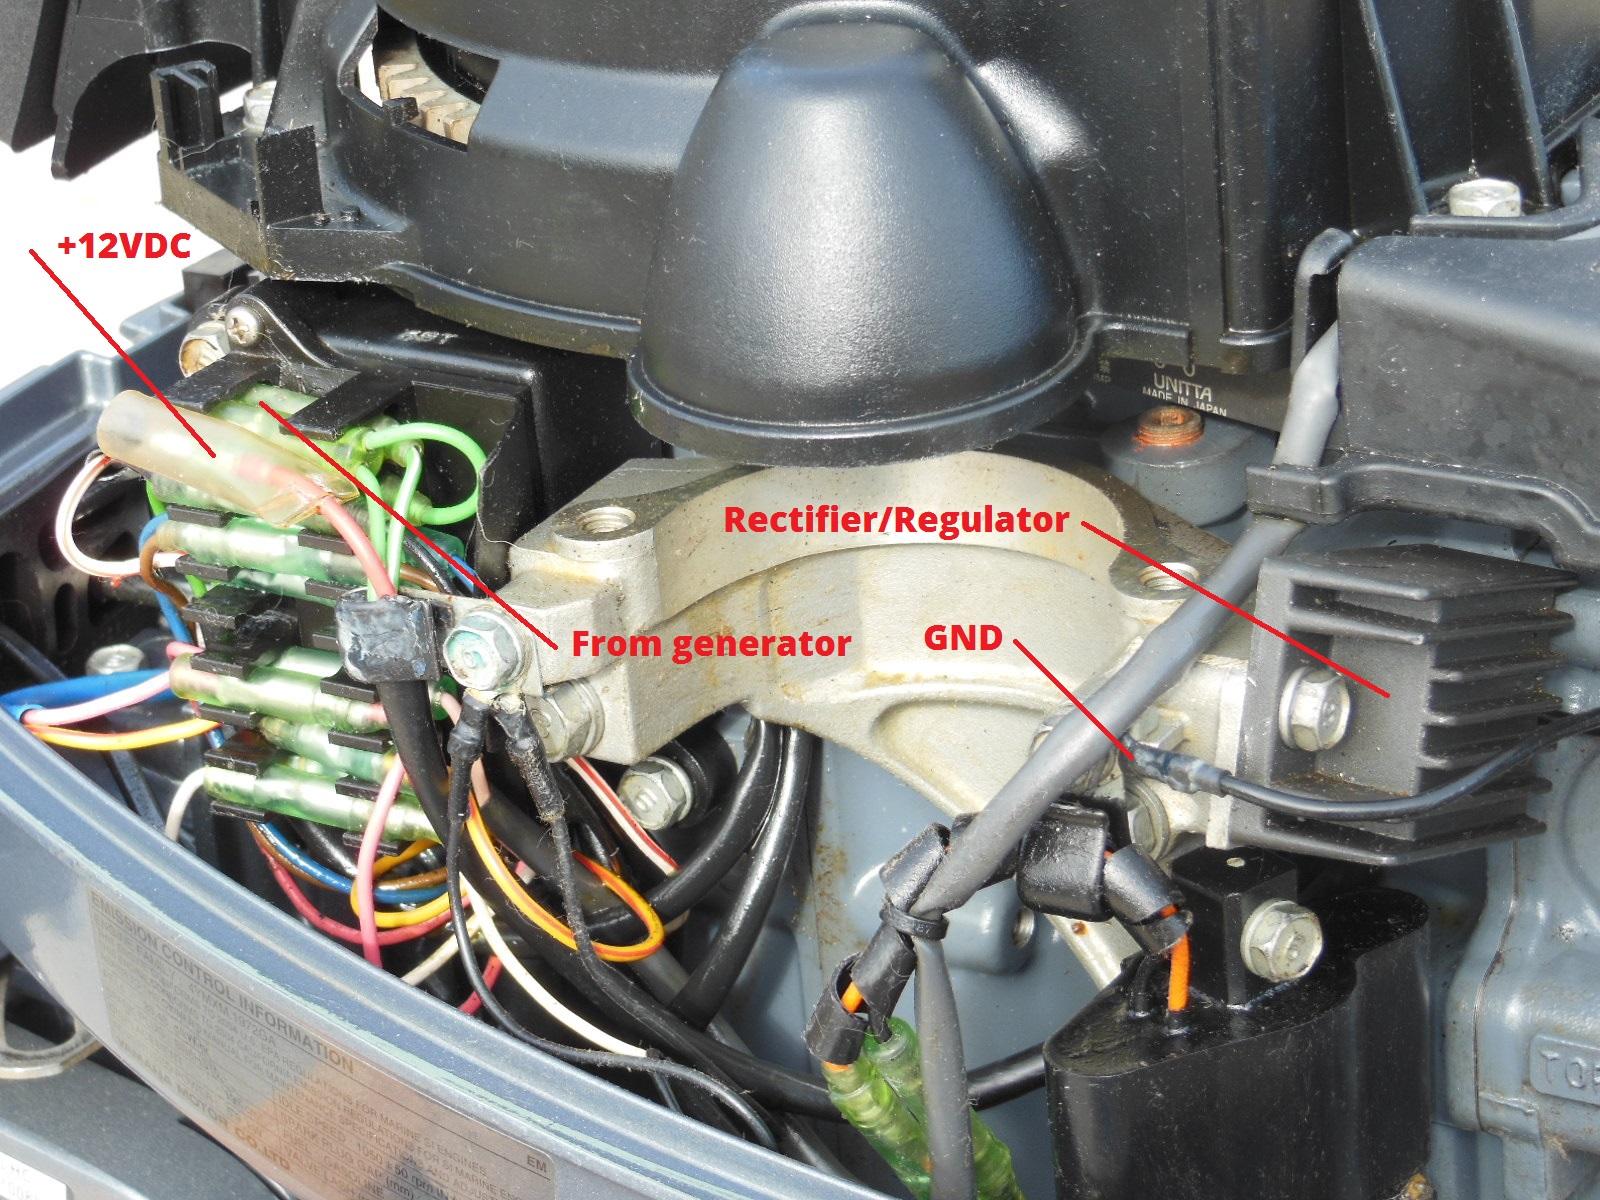 yamaha rectifier wiring electrical diagrams forum u2022 rh woollenkiwi co uk